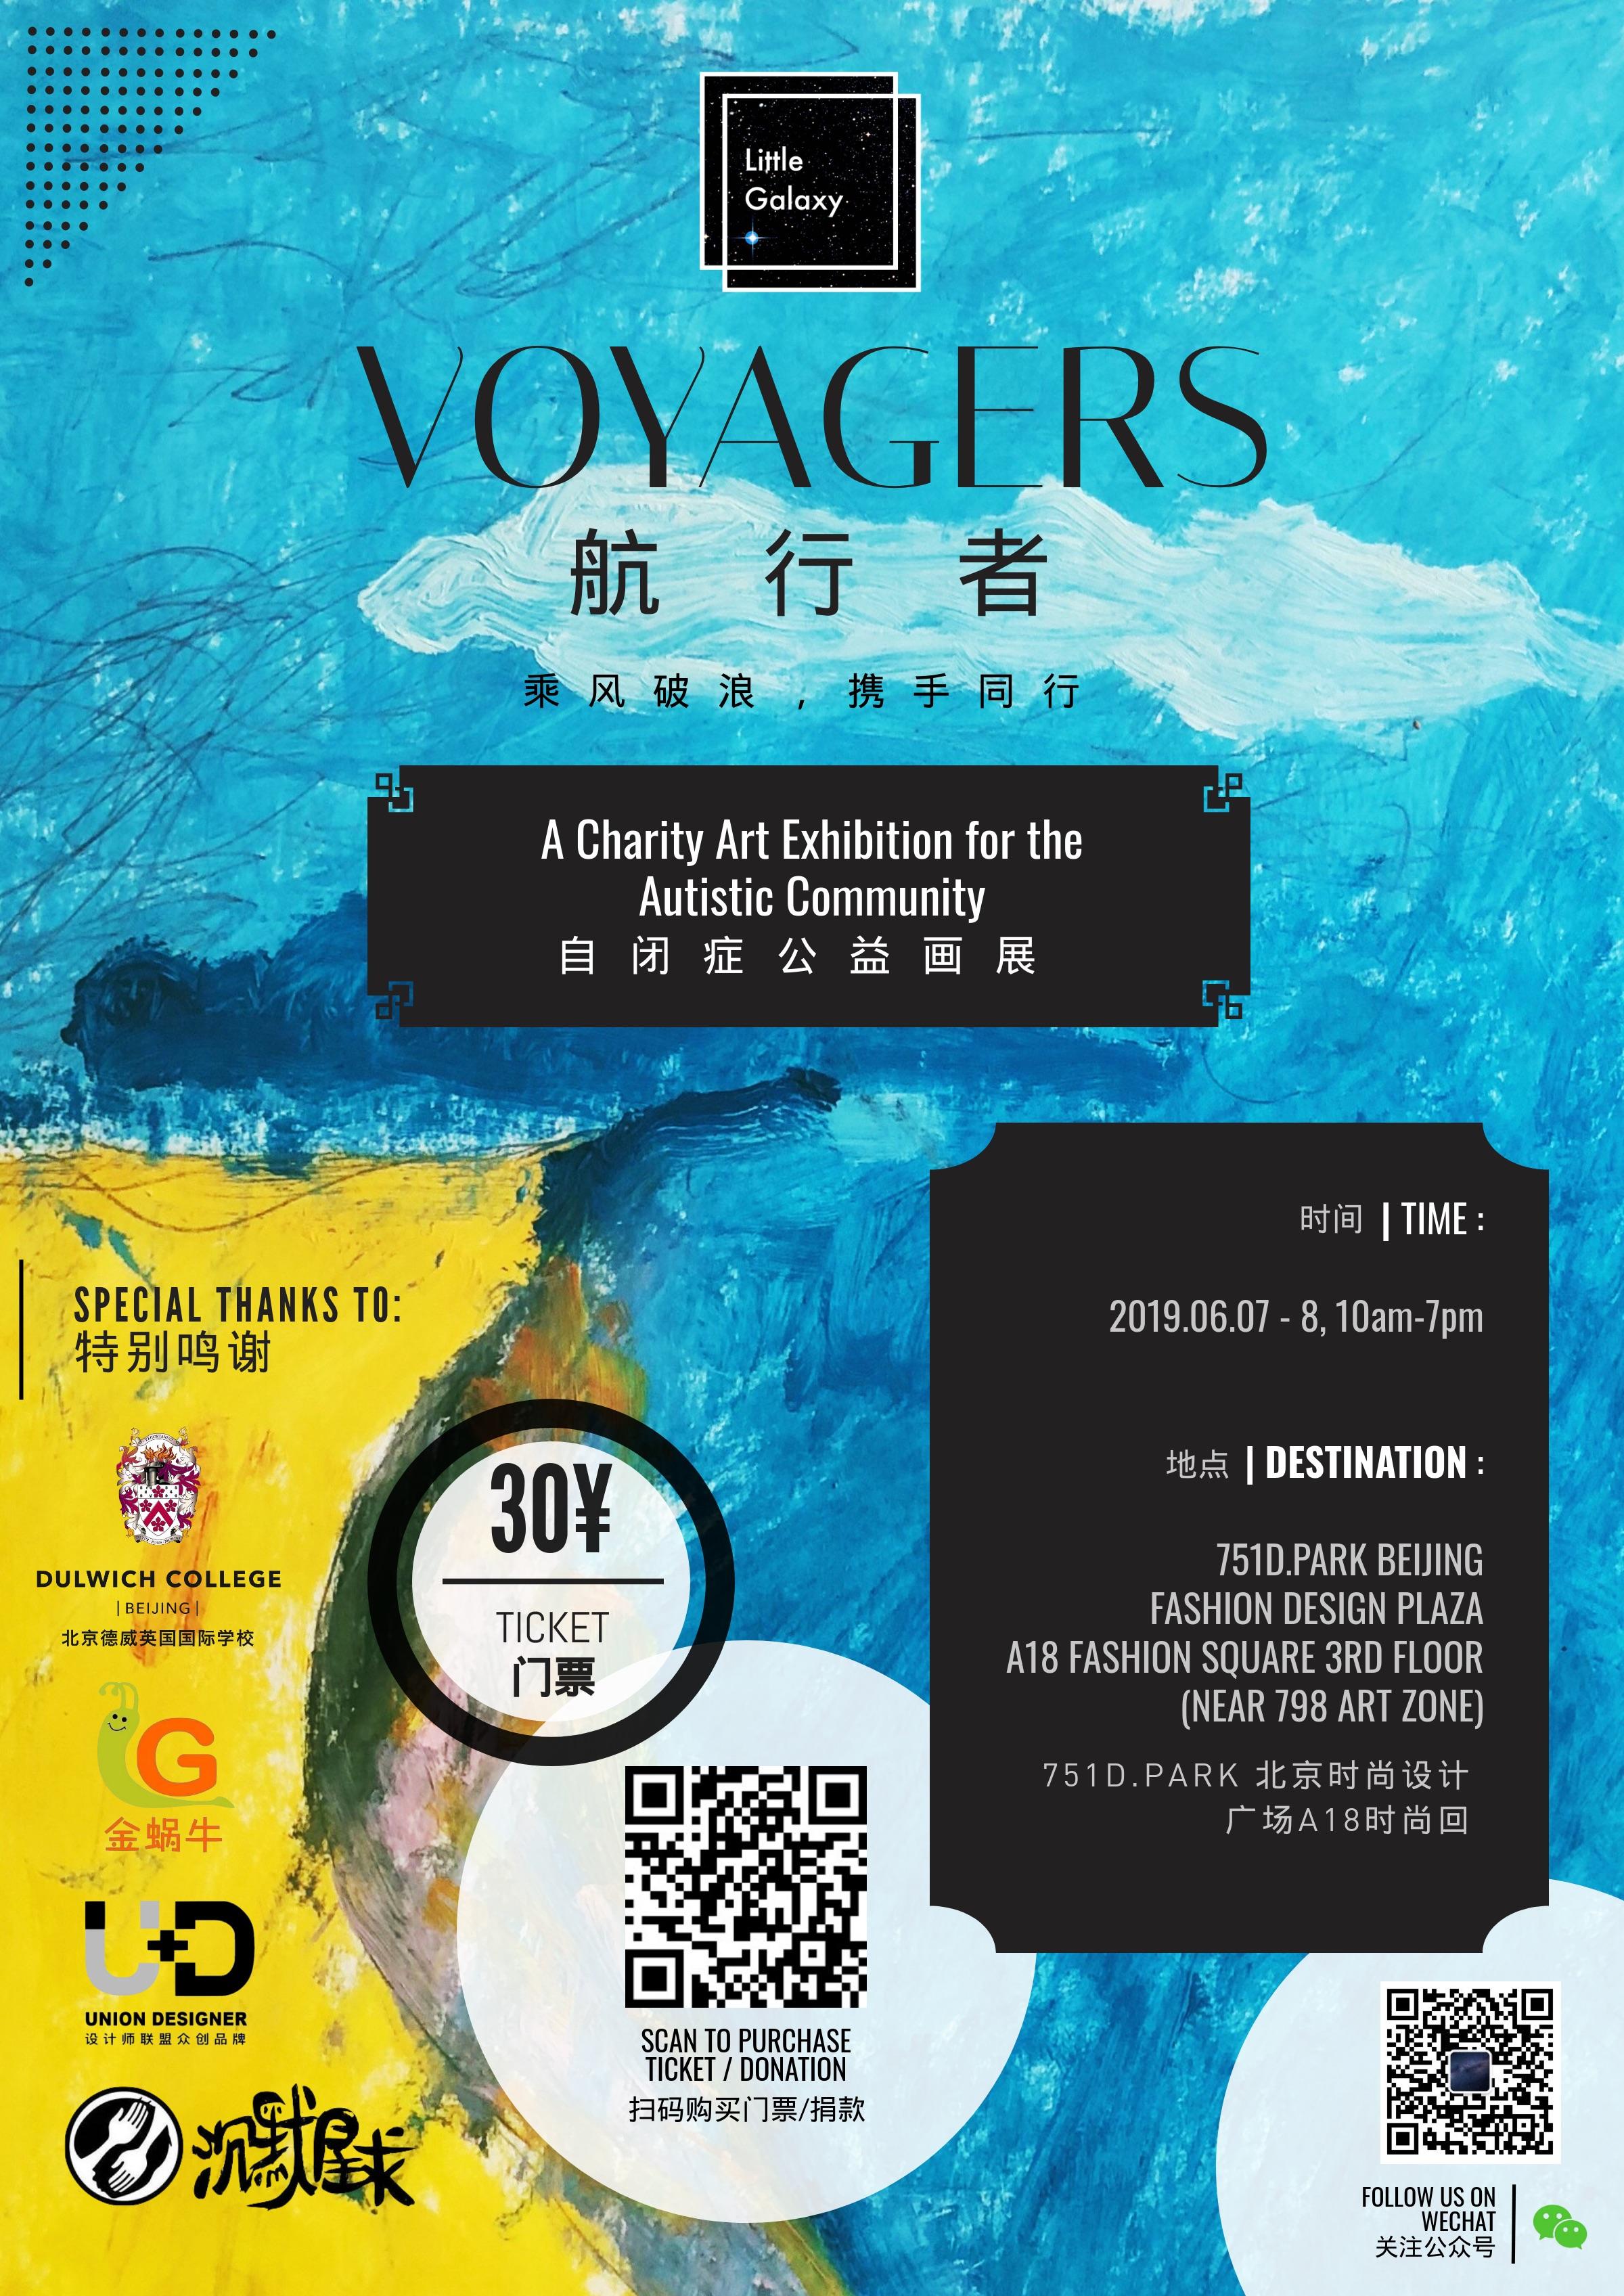 北京德威小星空计划2019航行者公益画展海报